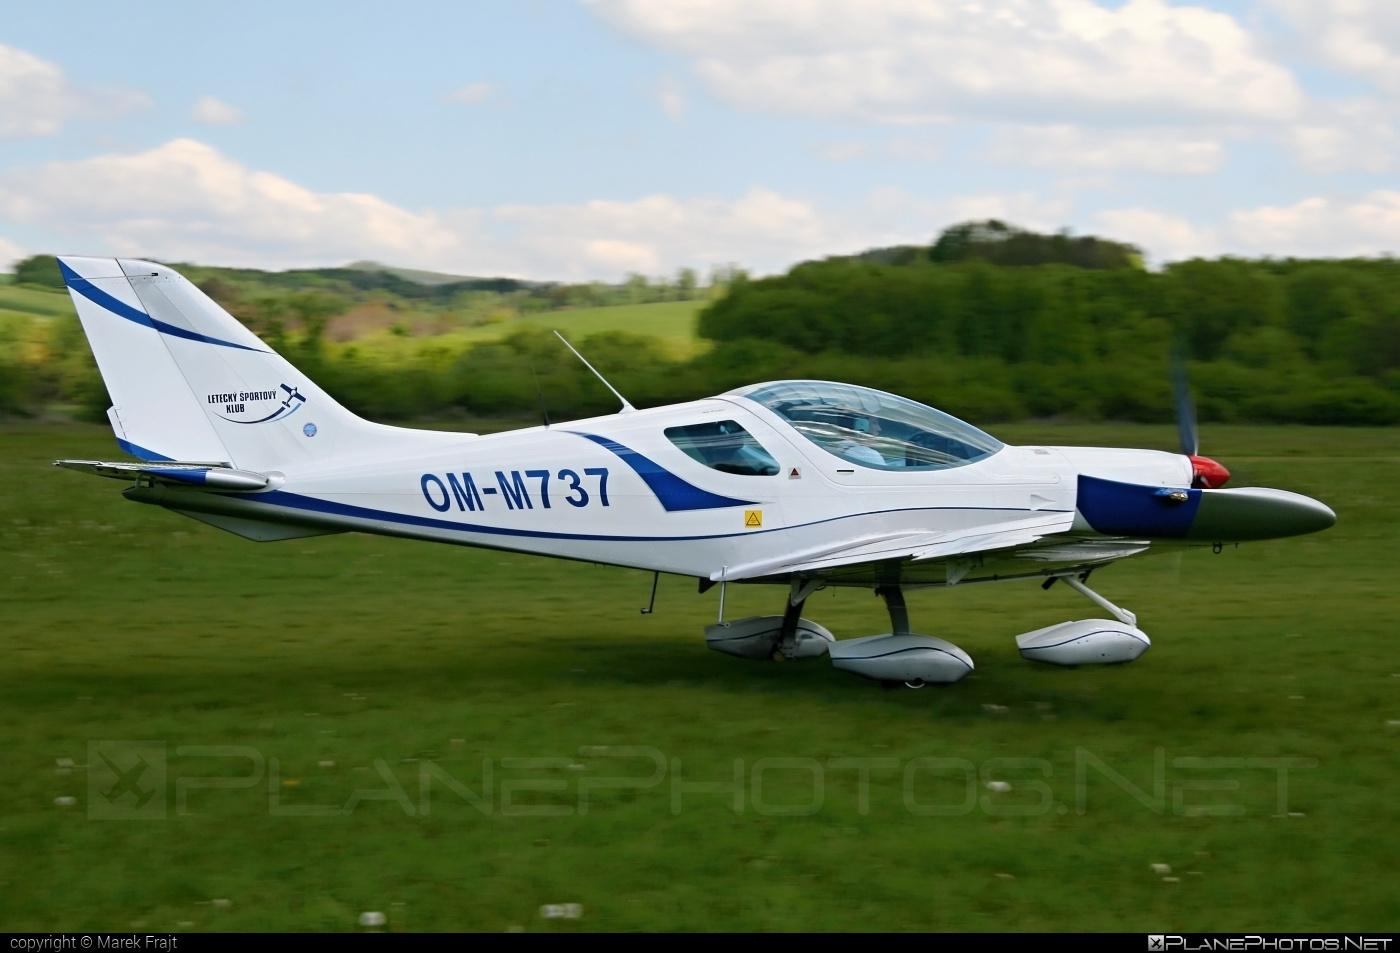 Czech Sport Aircraft PS-28 Cruiser - OM-M737 operated by Private operator #czechsportaircraft #ps28 #ps28cruiser